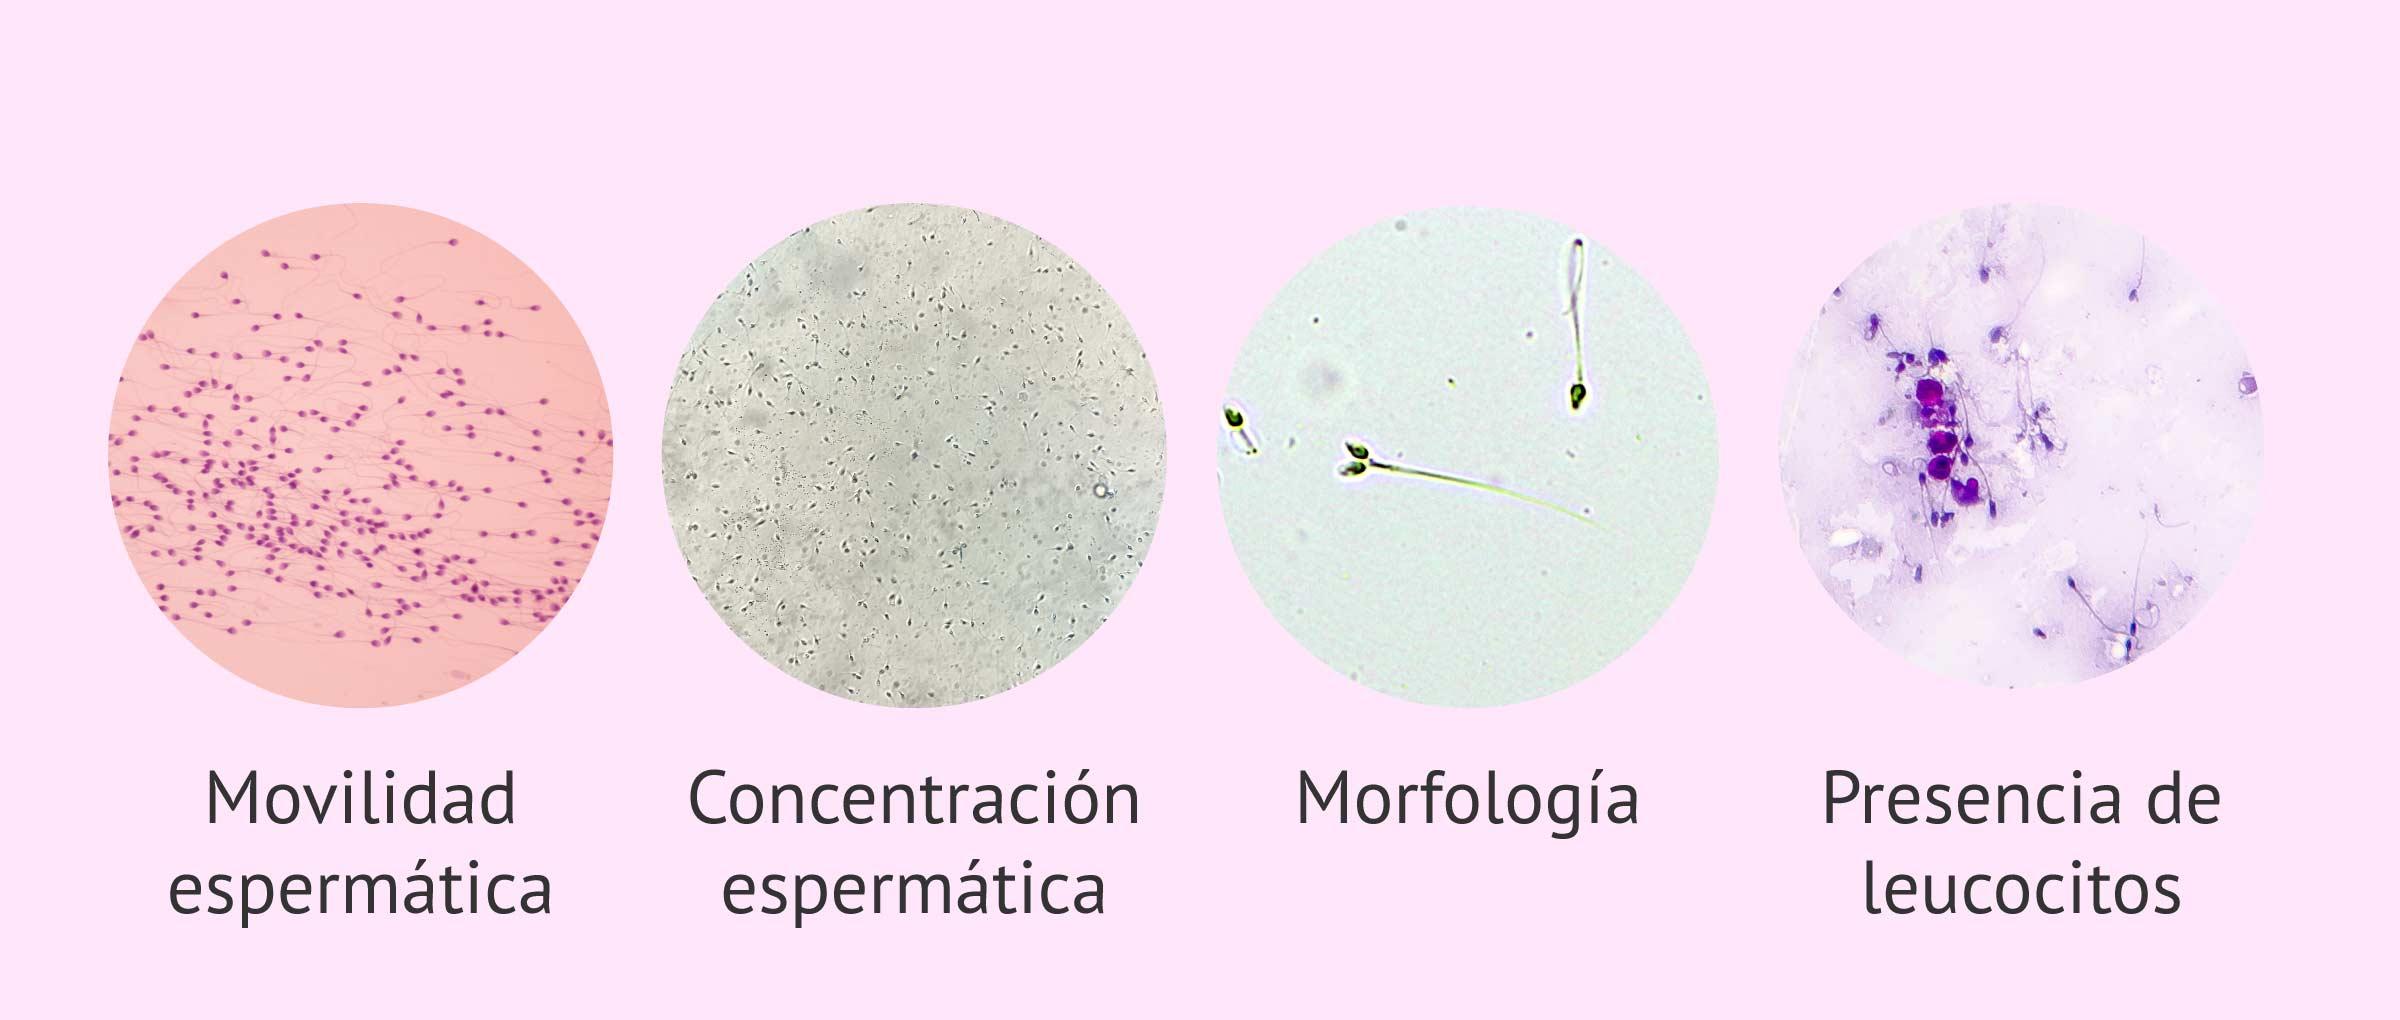 Parámetros microscópicos del análisis del semen